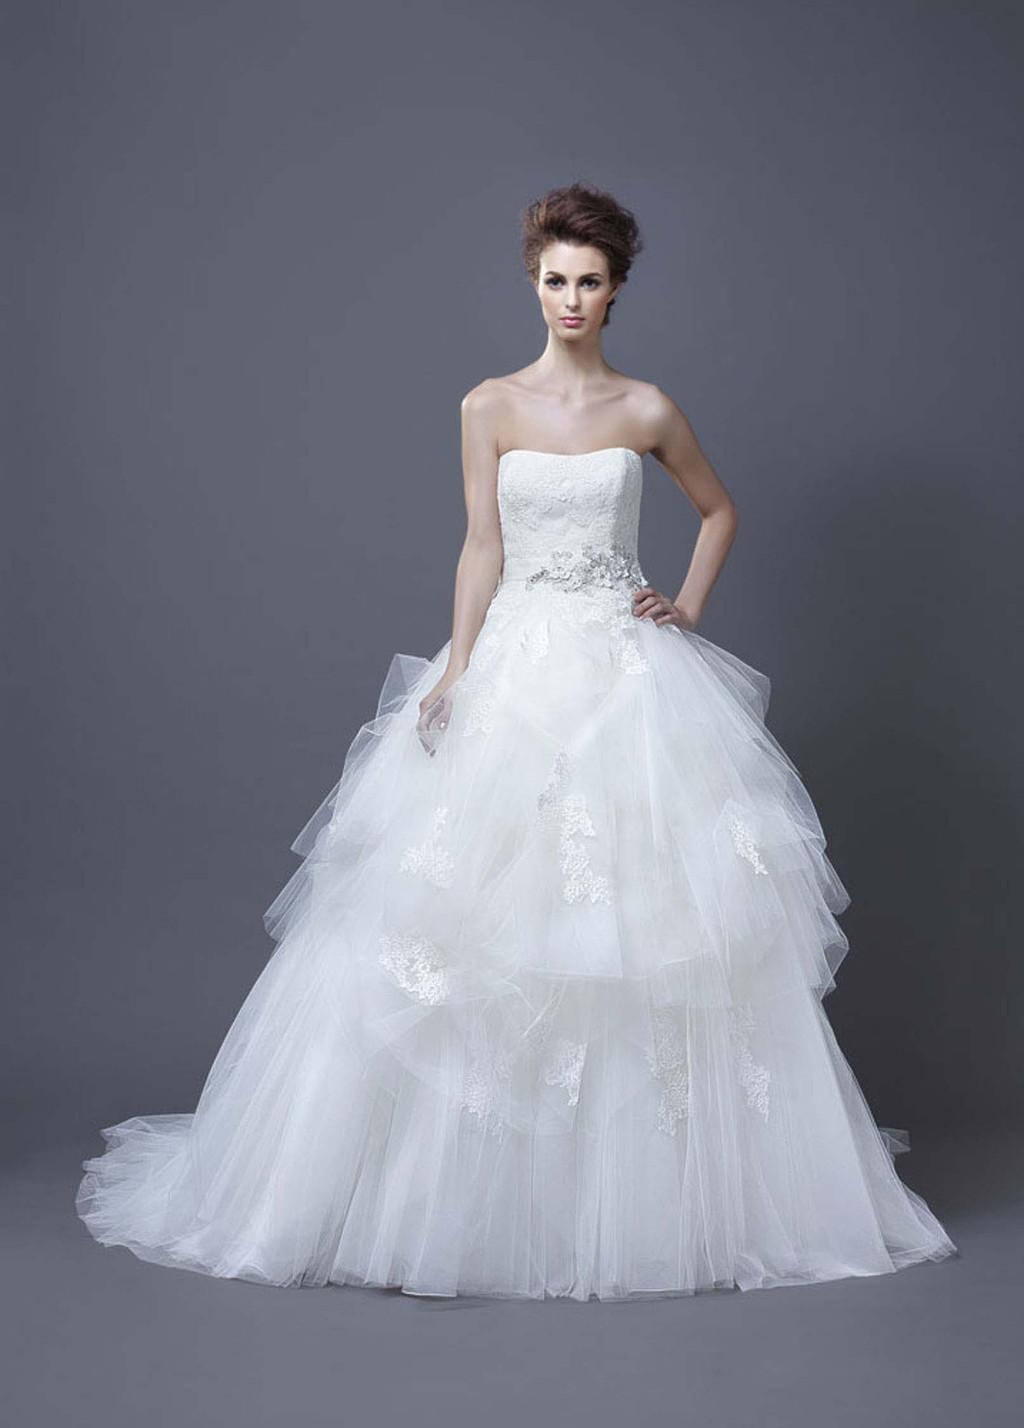 2013-wedding-dress-by-enzoani-bridal-hadil.full